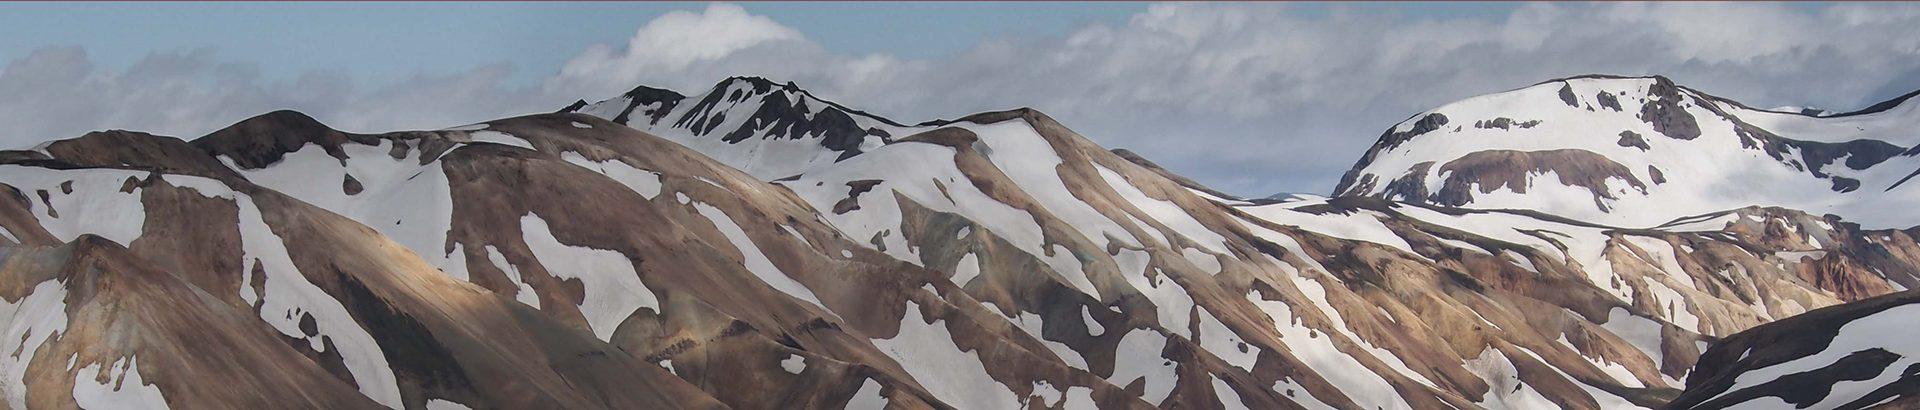 Vue de montagnes enneigées en Islande